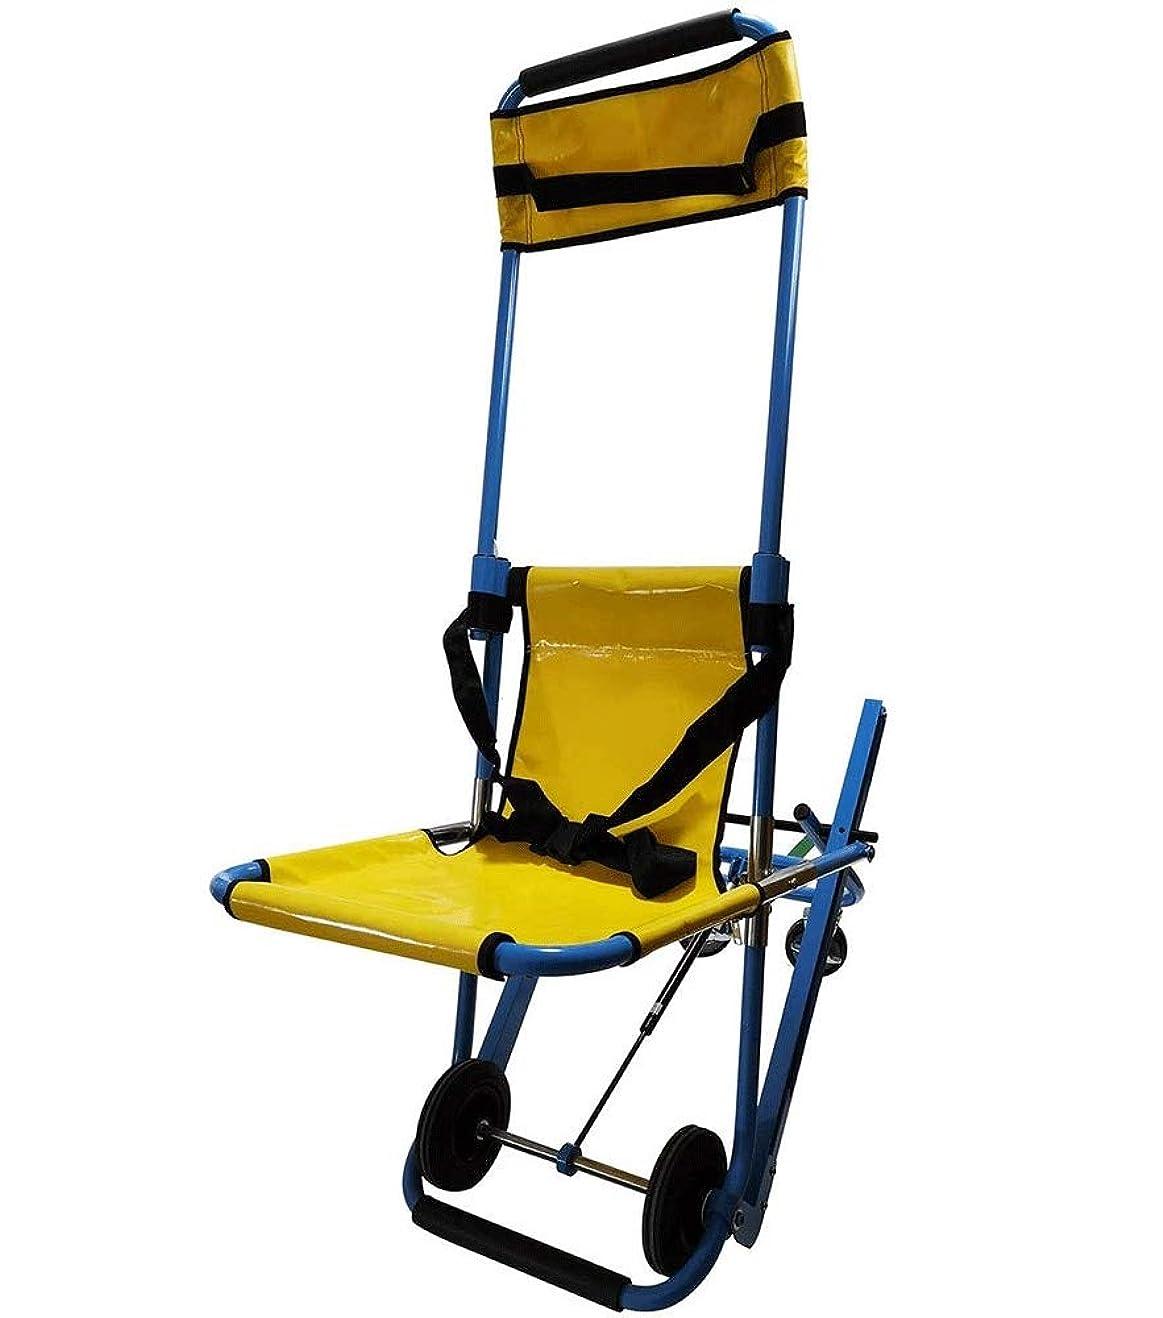 広がりヒョウ従事する二つのシートベルトとEMS階段チェア、救急車消防士避難アルミ軽量医療階段チェア、350ポンドを持ち上げ